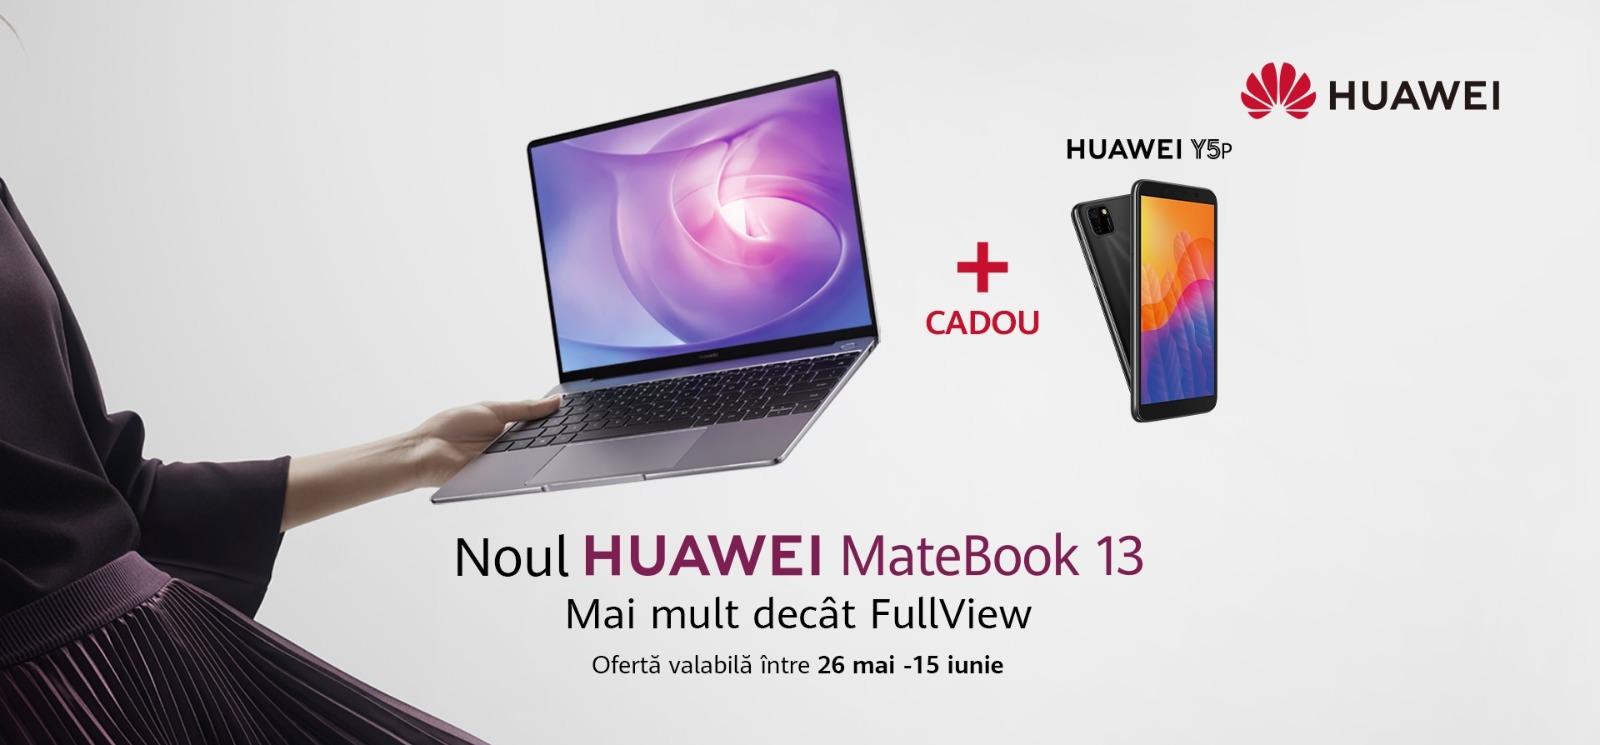 Noua generație de laptopuri Huawei MateBook 13 disponbilă pe piața din România